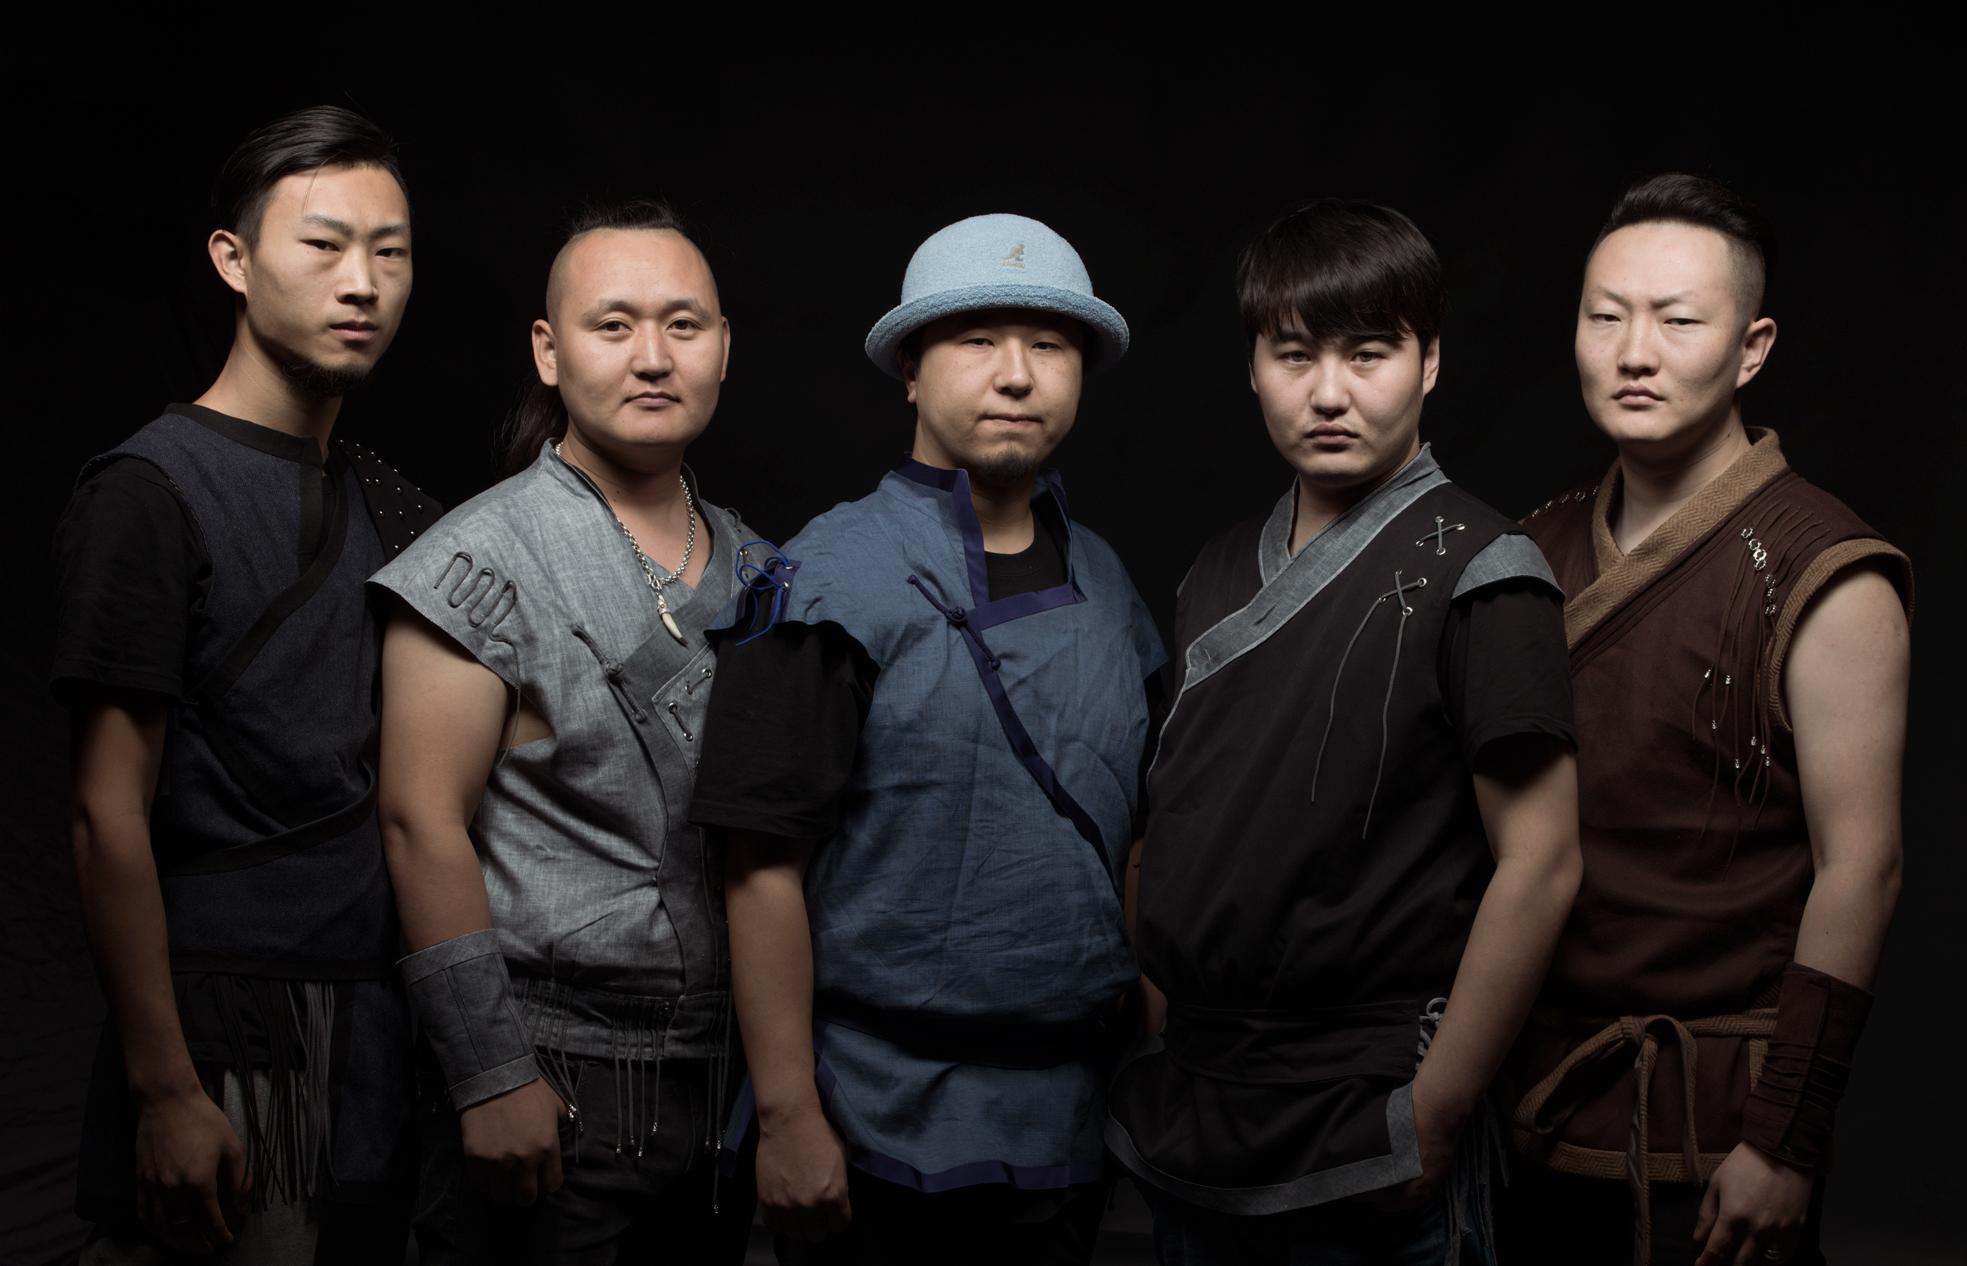 內蒙古民族核 九寶樂團 Nine Treasures 聯手 Liberation  釋出單曲 Bodhicitta